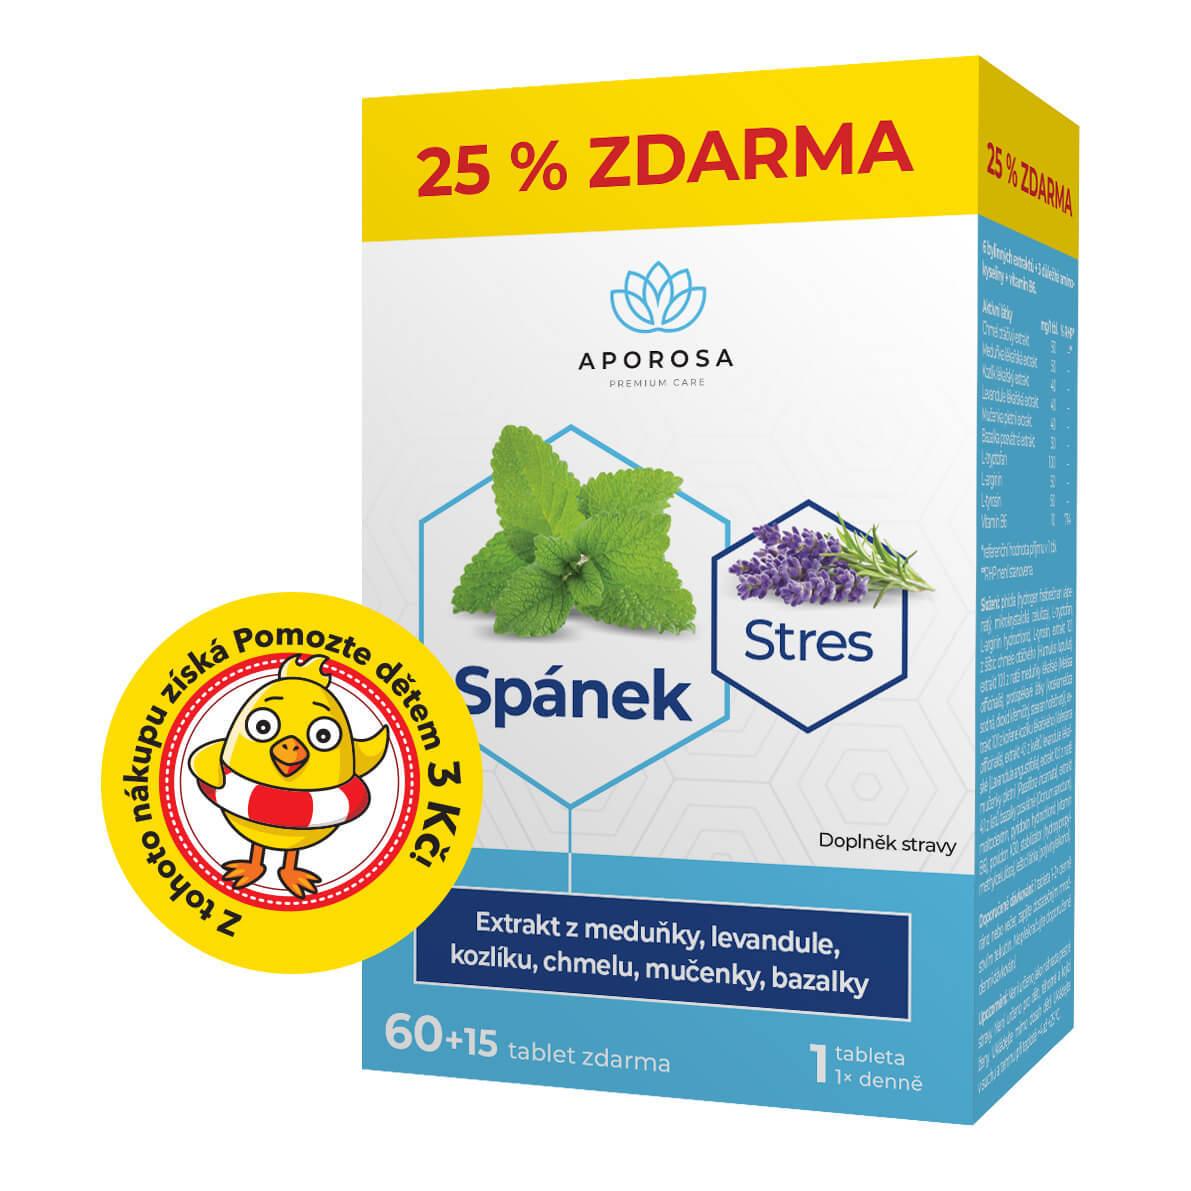 APOROSA premium Spánek a Stres Meduňka + Kozlík 75 tablet